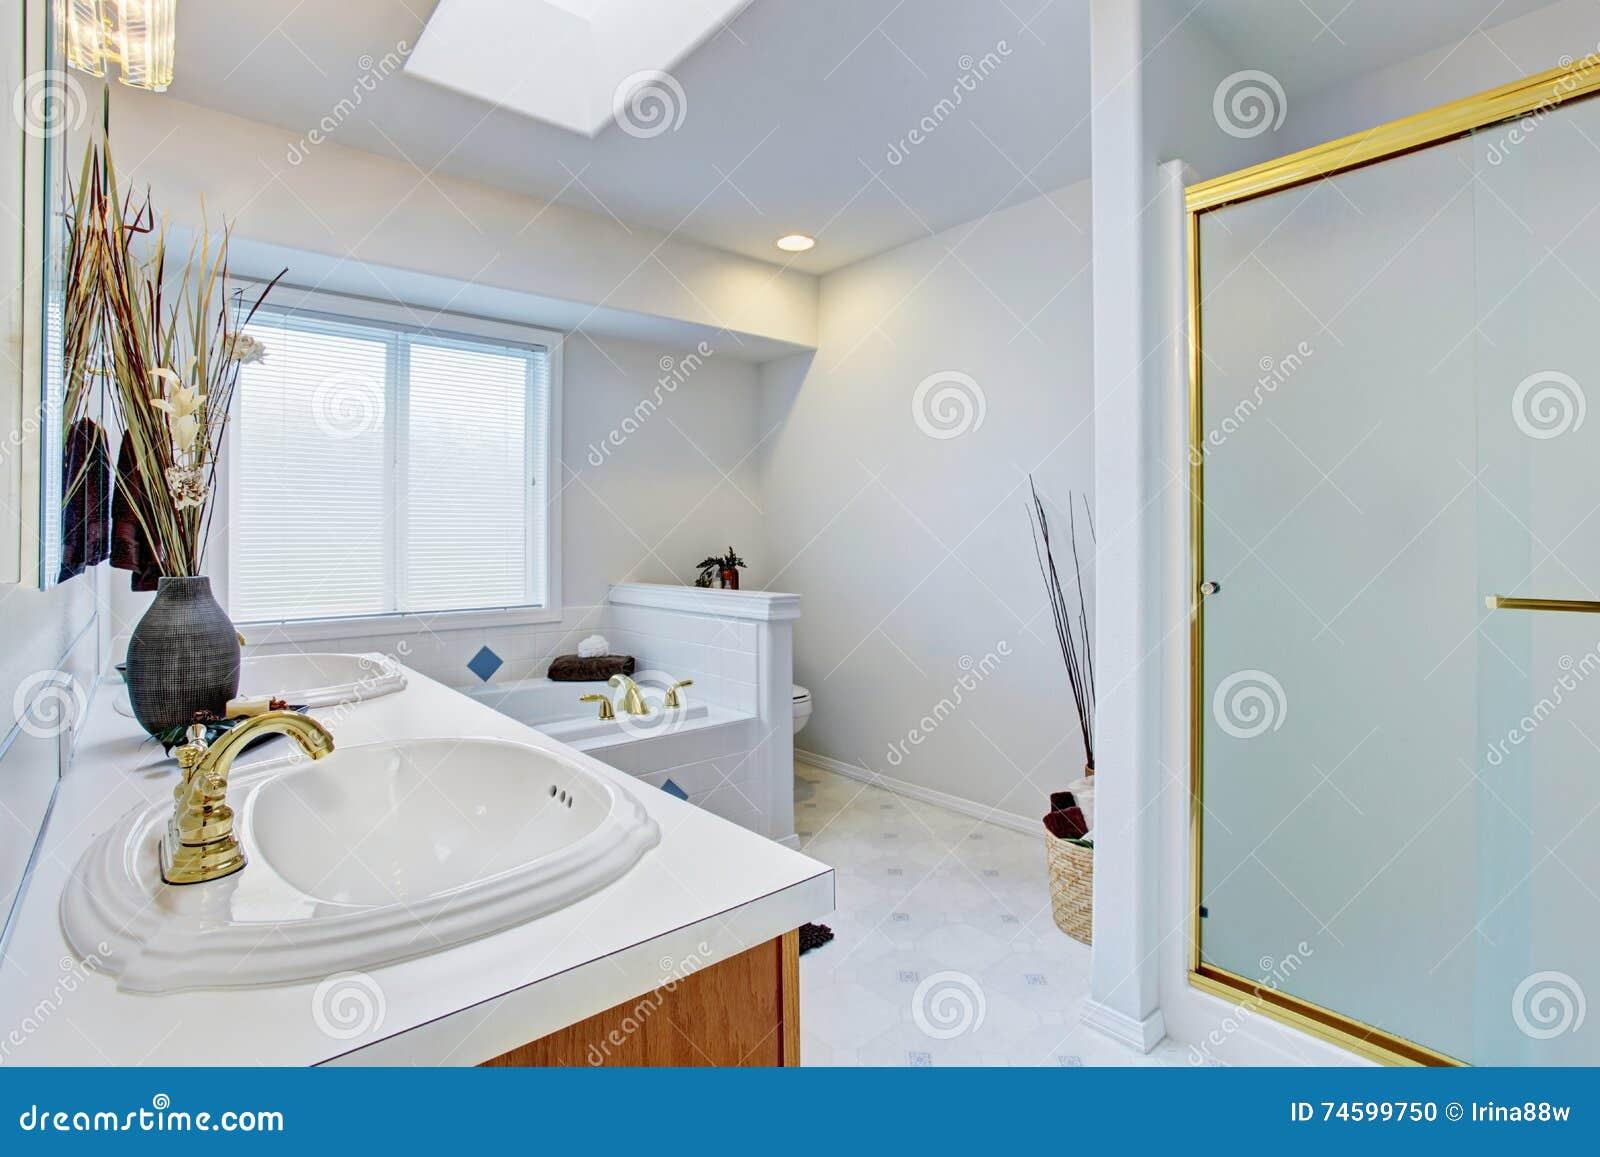 Bagni Con Piastrelle Bianchi : Interno del bagno nei toni bianchi con i gabinetti marroni